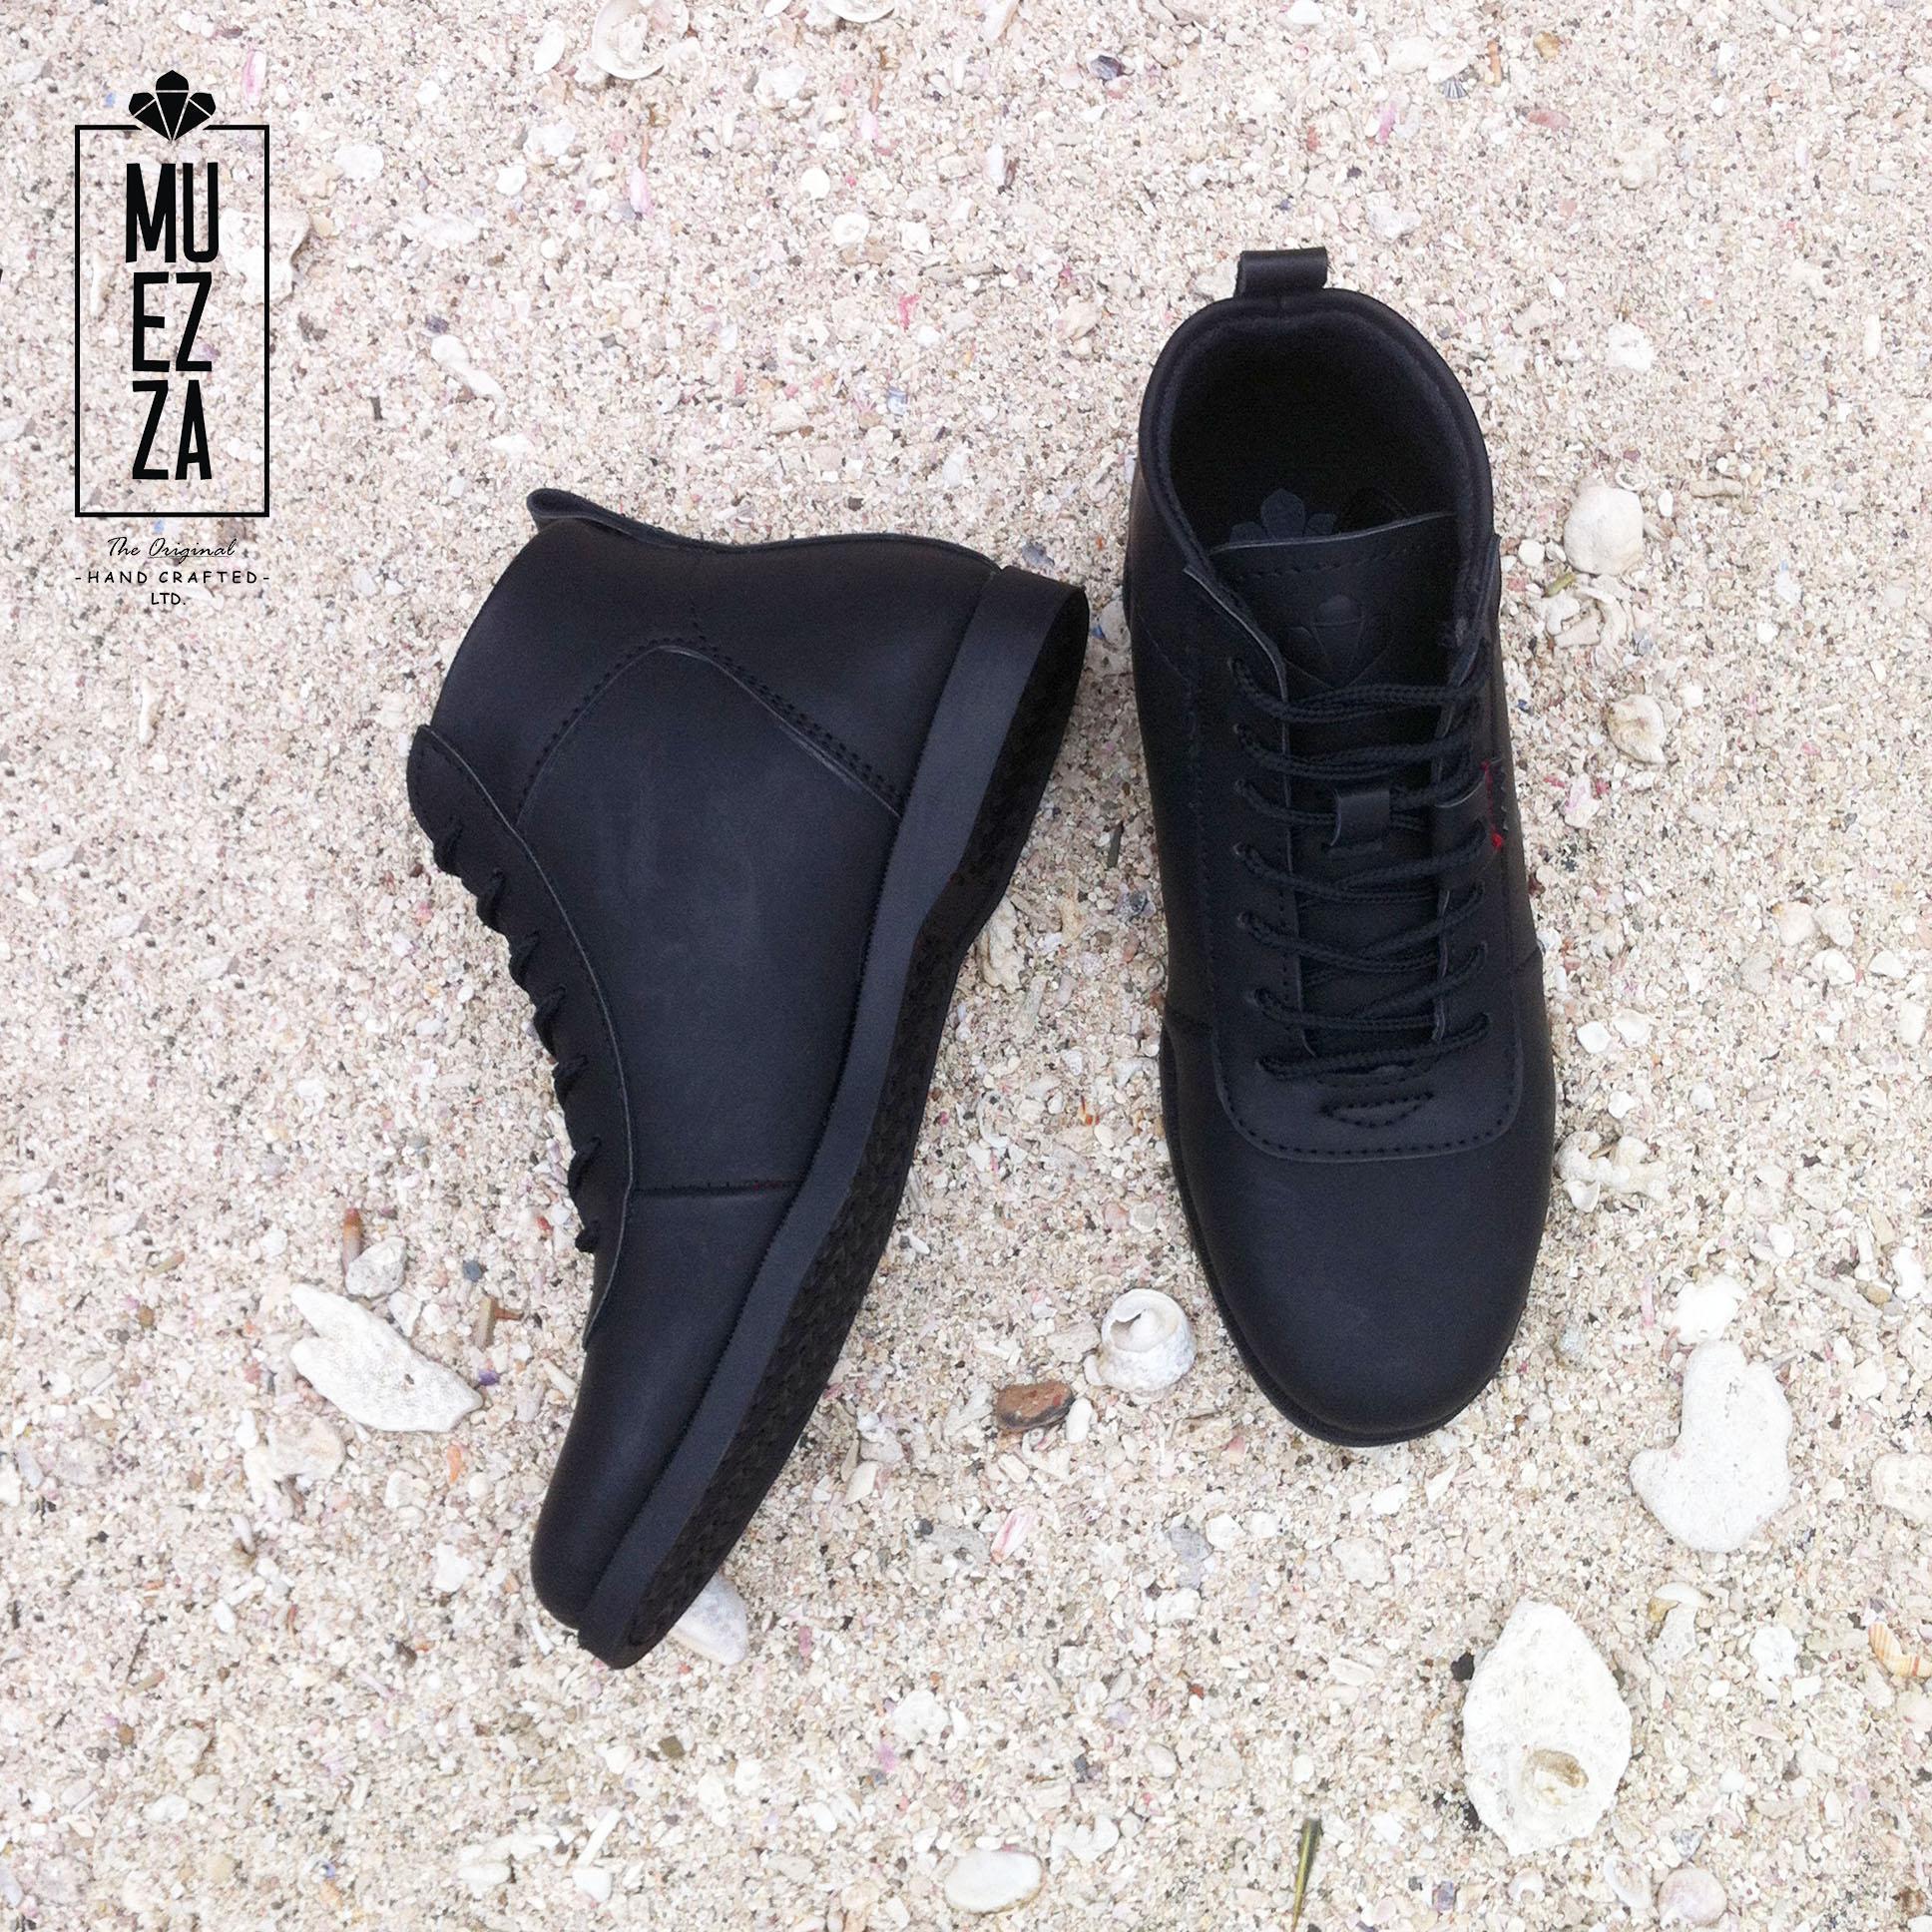 DSH Sepatu Model Brodo Boots Kulit   Sepatu Pria Dan Wanita Erudite Muezza  Storm Kulit Asli 59965052eb